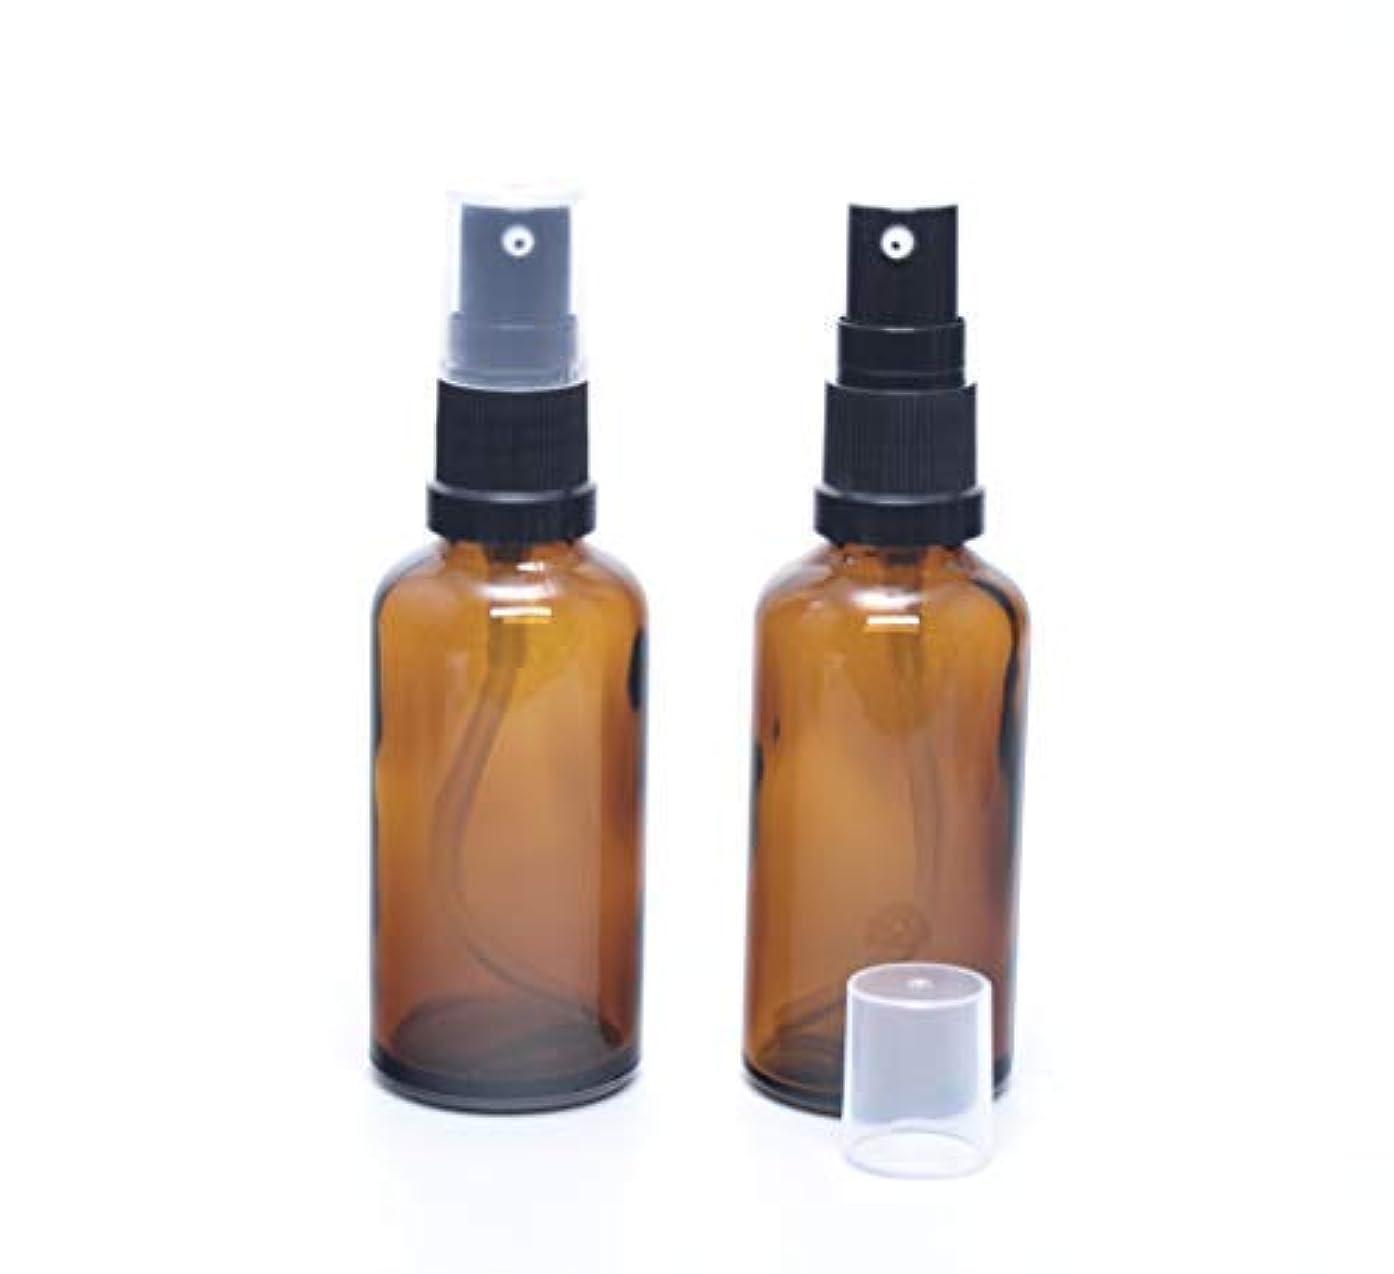 コンプリートゲージ交通遮光瓶 (硝子)ポンプボトル 50ml (フィンガープッシュタイプ) / アンバー × 2本セット